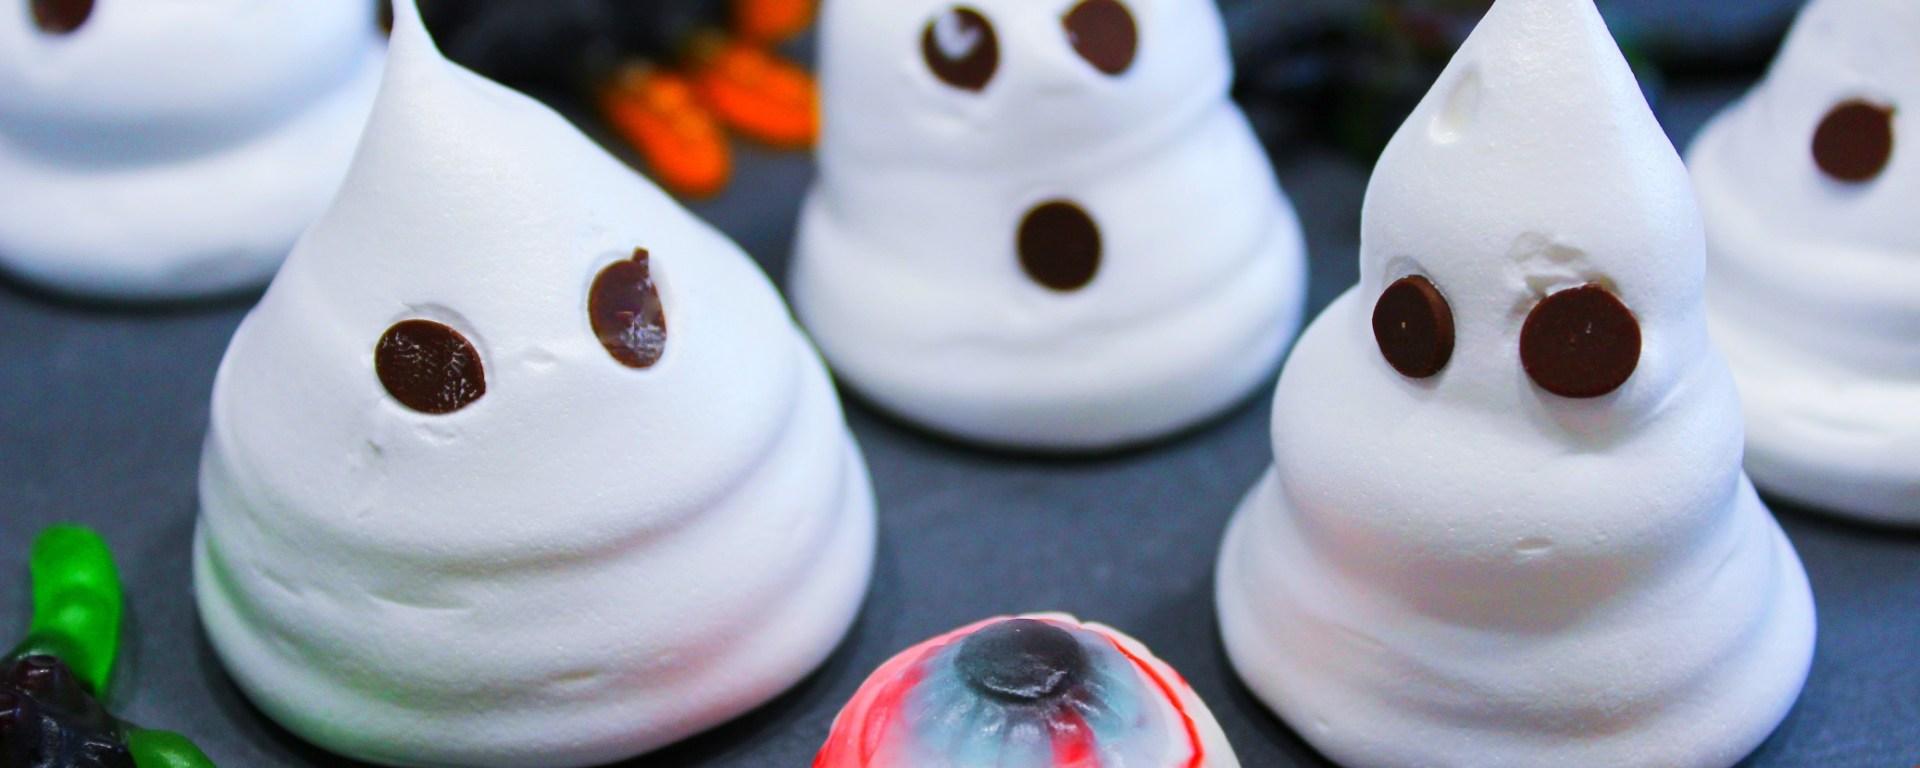 Délicimô ! - Recette des Meringues Fantômes pour Halloween Facile et Rapide - www.delicimo.fr